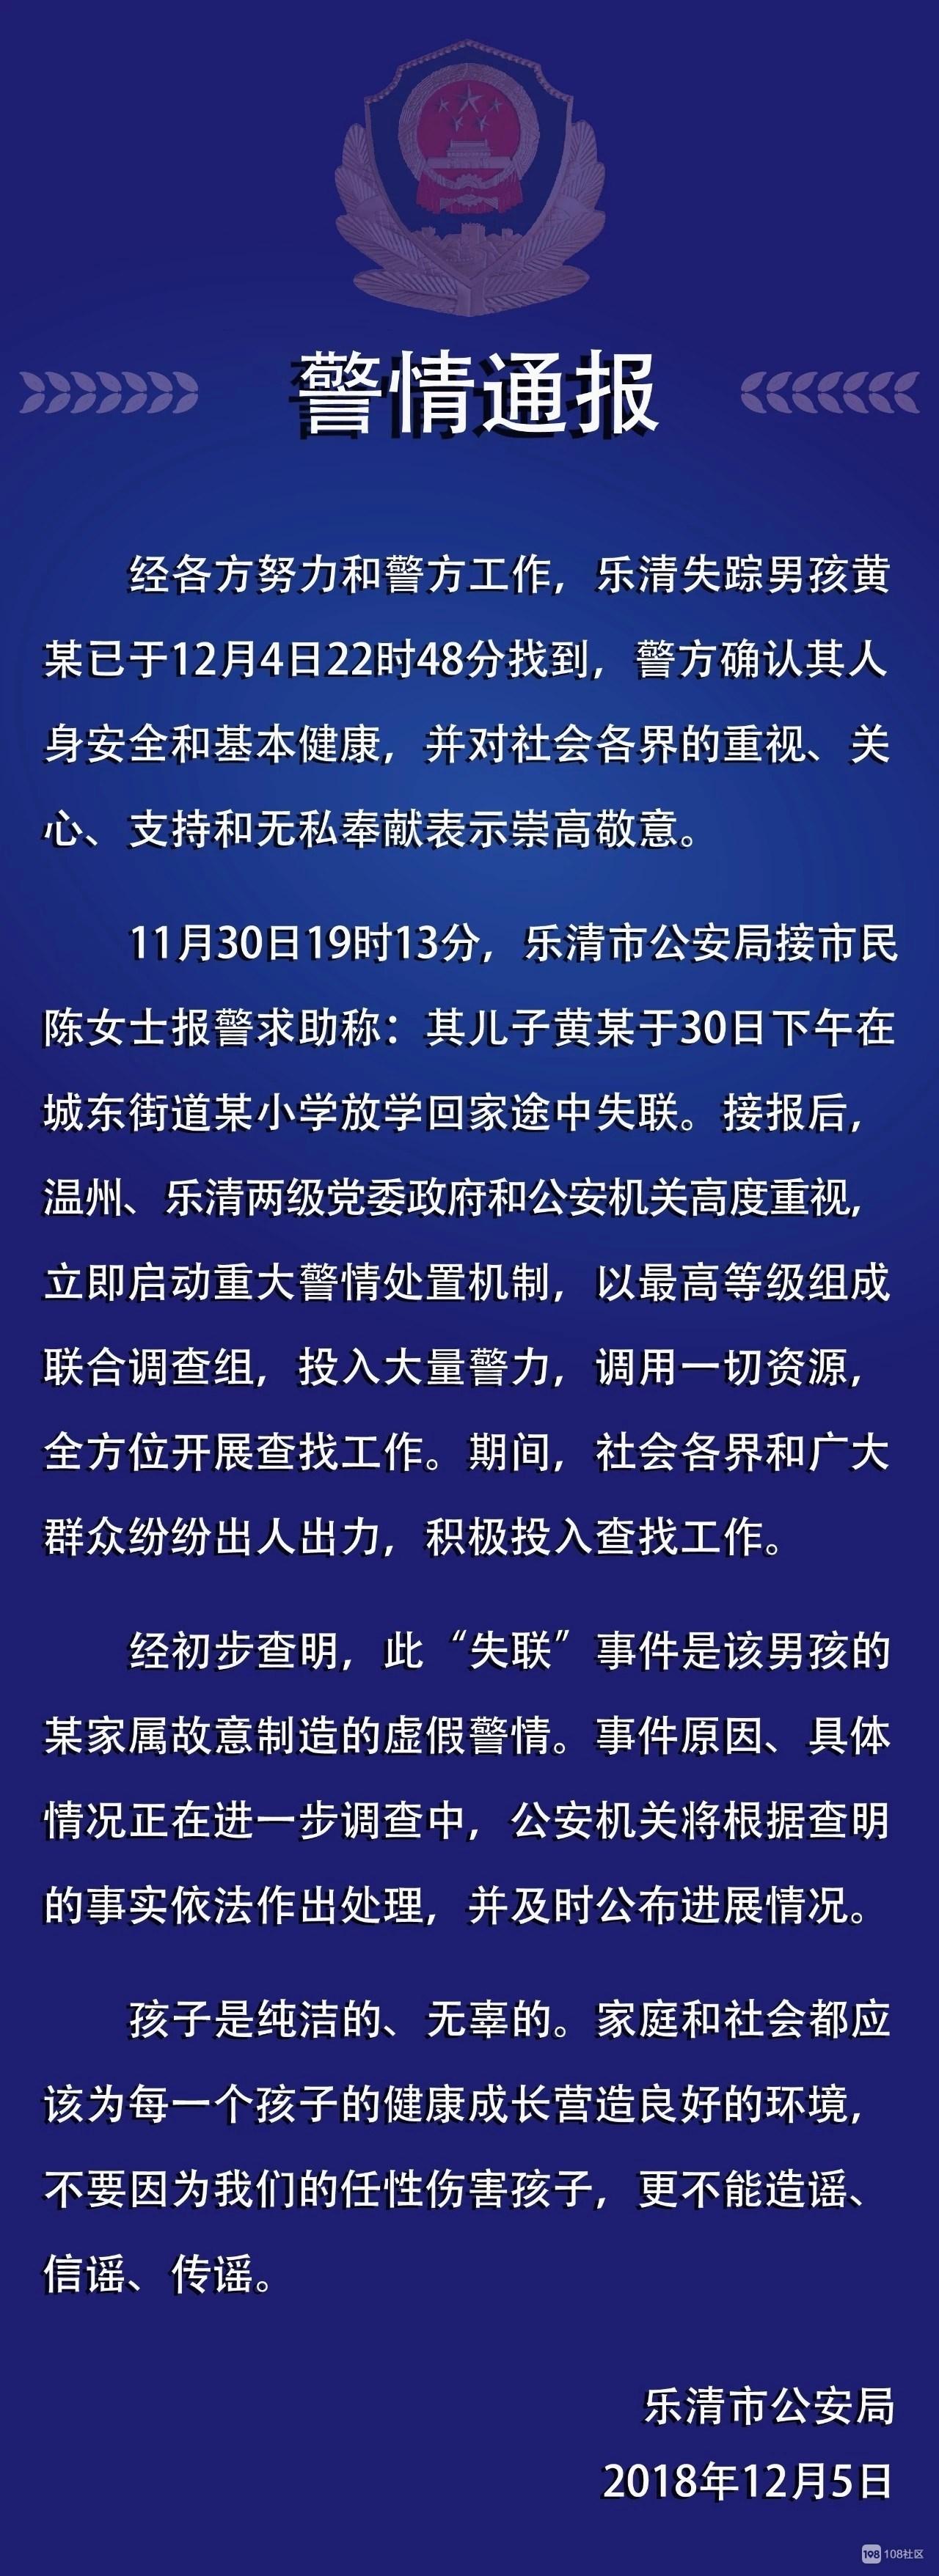 浙江乐清失踪11岁男孩已被找到,系家属故意制造虚假警情